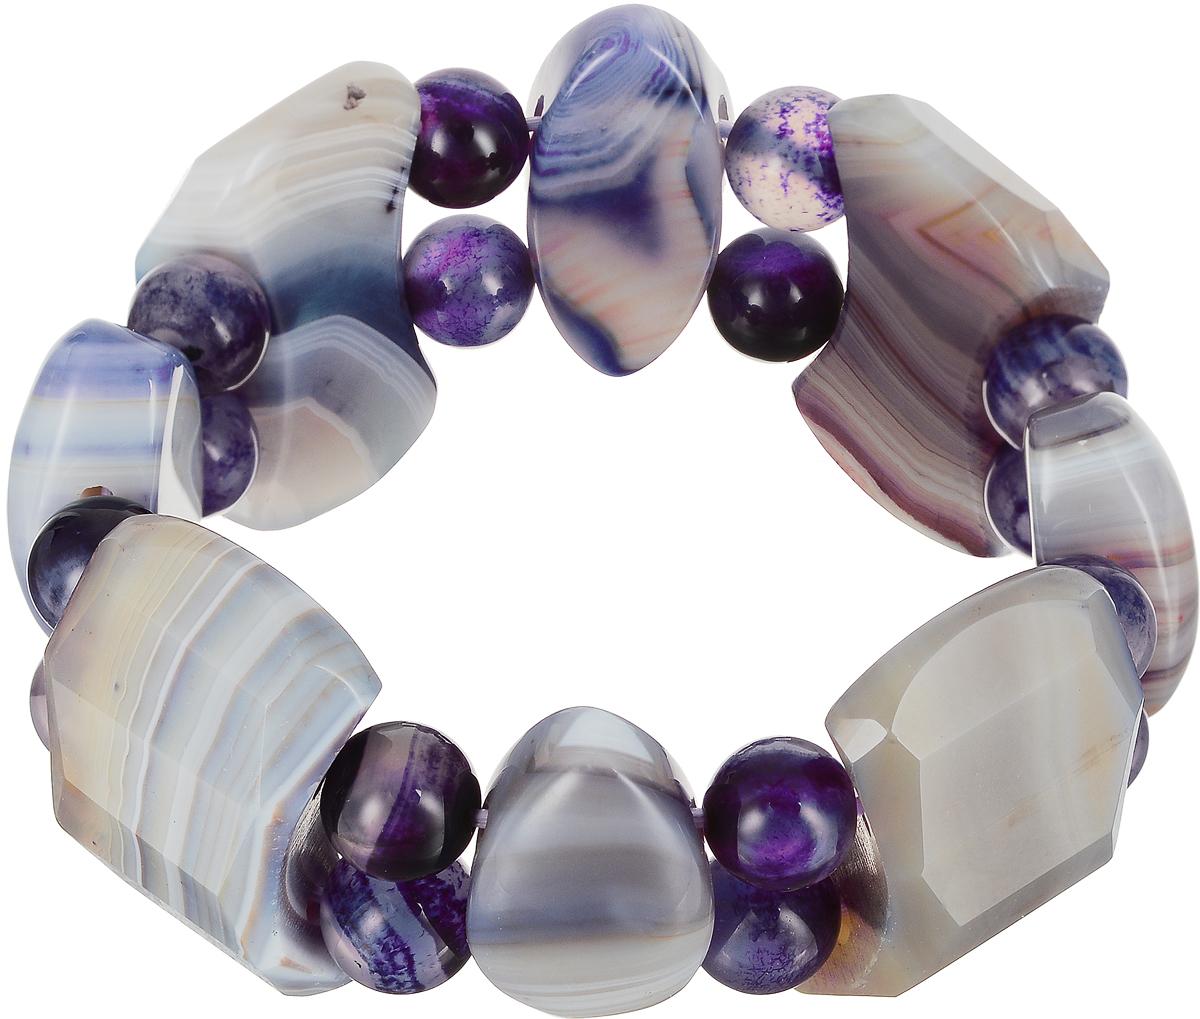 Браслет Art-Silver, цвет: фиолетовый. KW61-2-701KW61-2-701Изящный женский браслет Art-Silver выполнен из камня чароита. Эластичная прочная резинка позволит идеально зафиксировать модель на руке. Это стильное украшение элегантно завершит модный образ и подчеркнет ваш изысканный вкус.